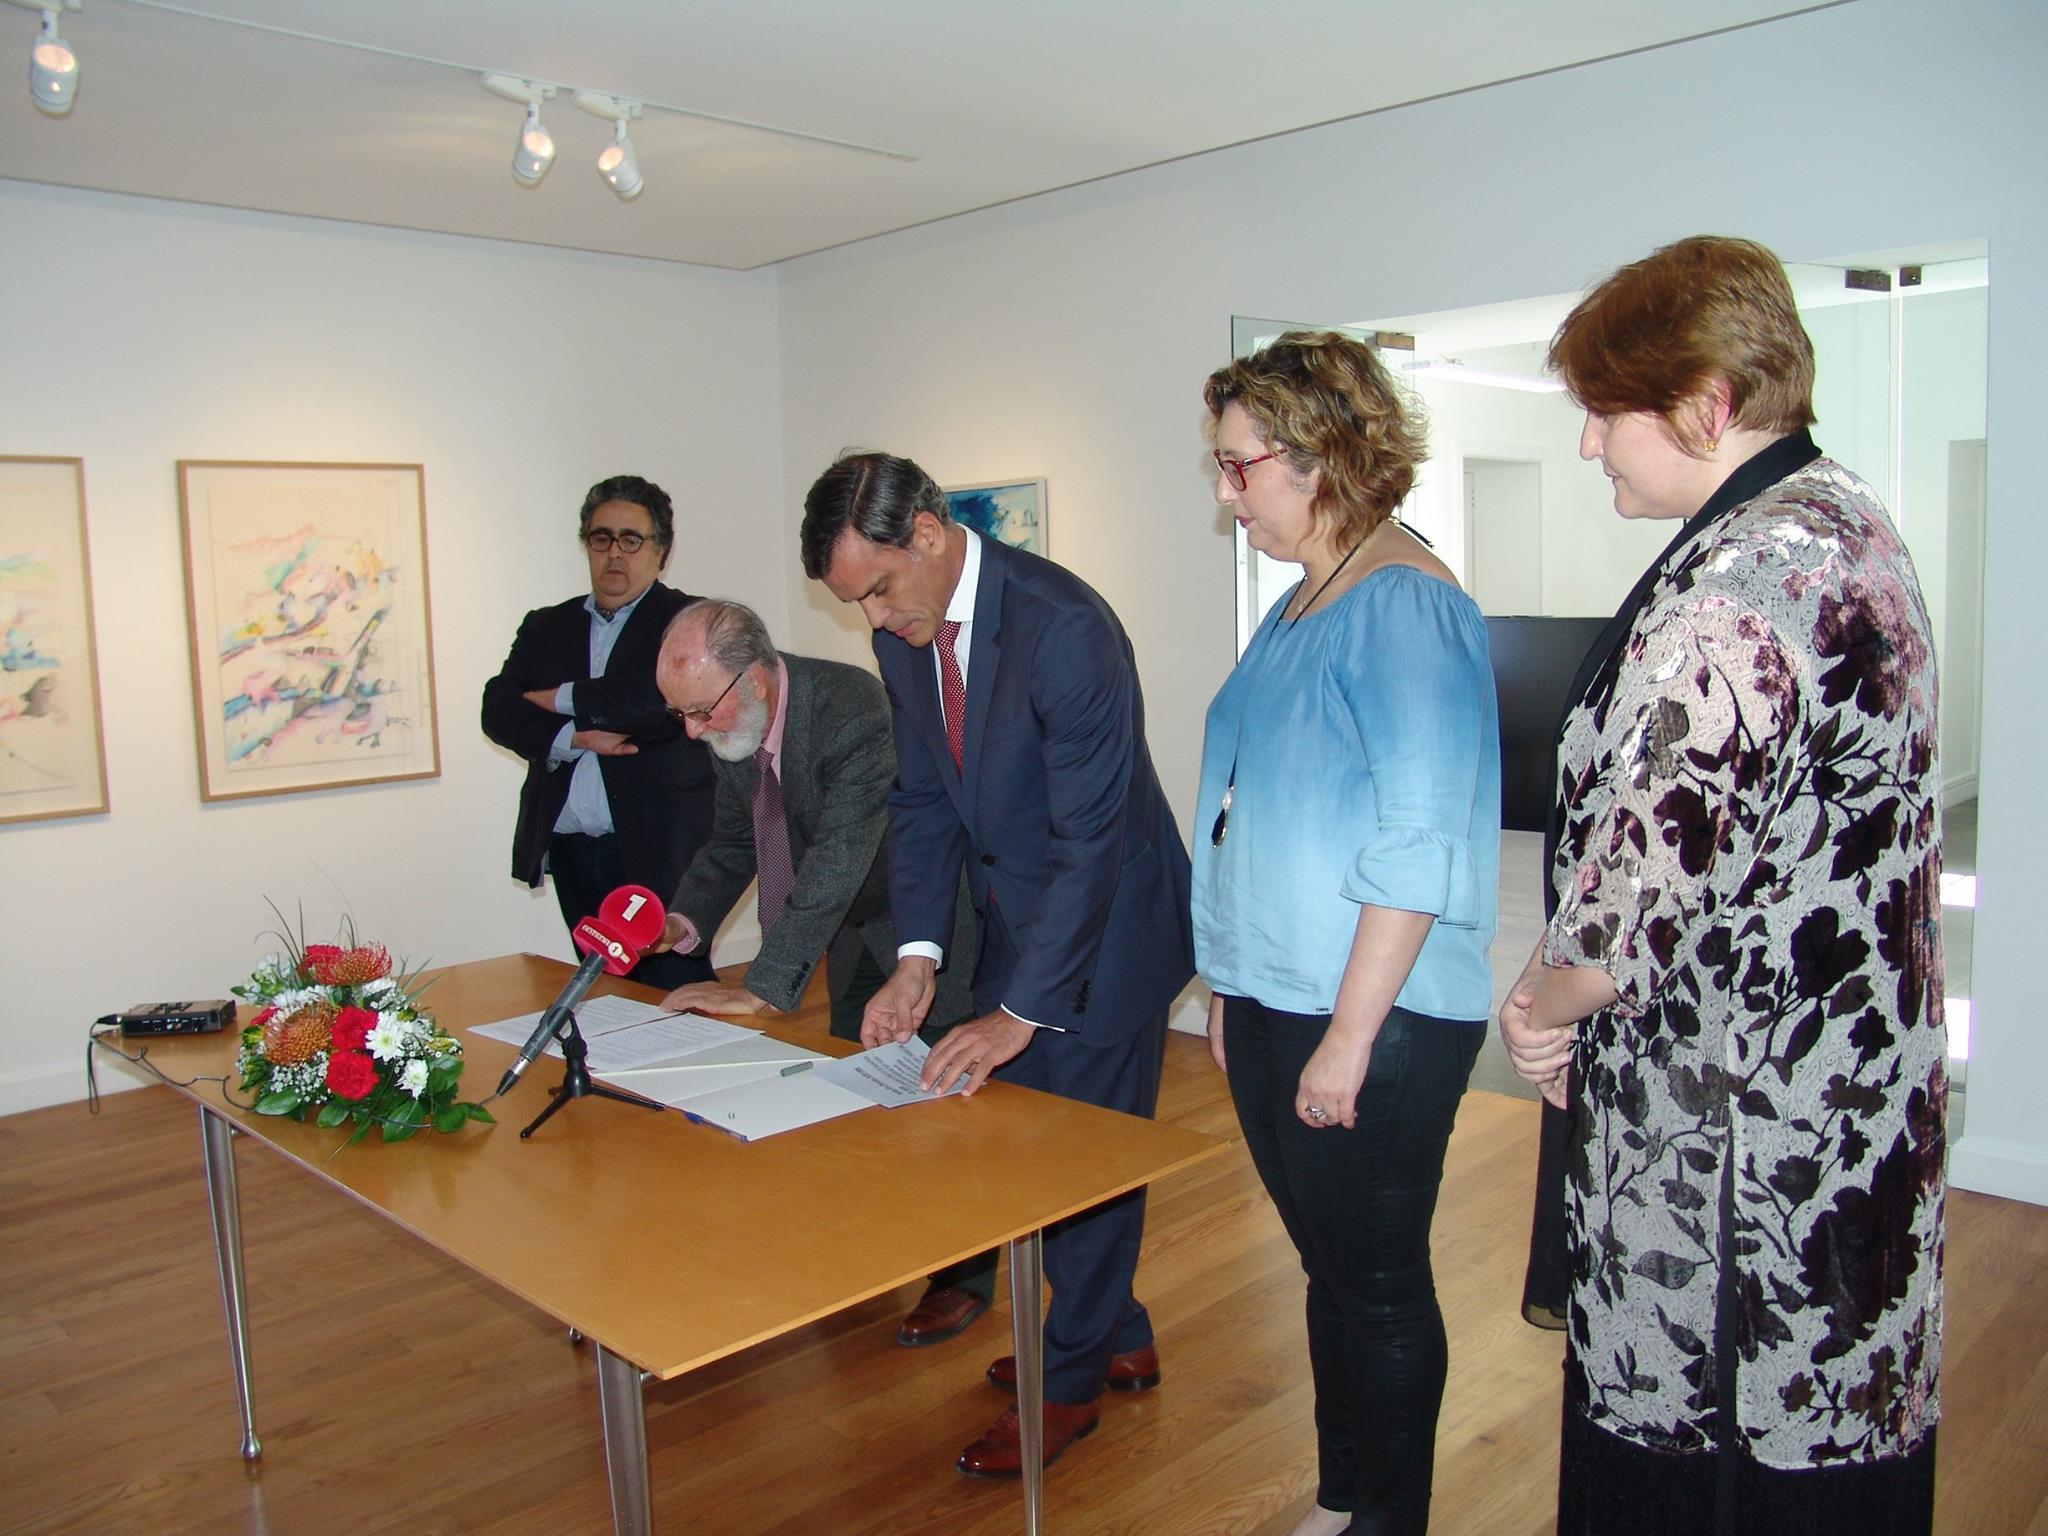 Doação de obras de Élia Pimenta enriquece património artístico da Região